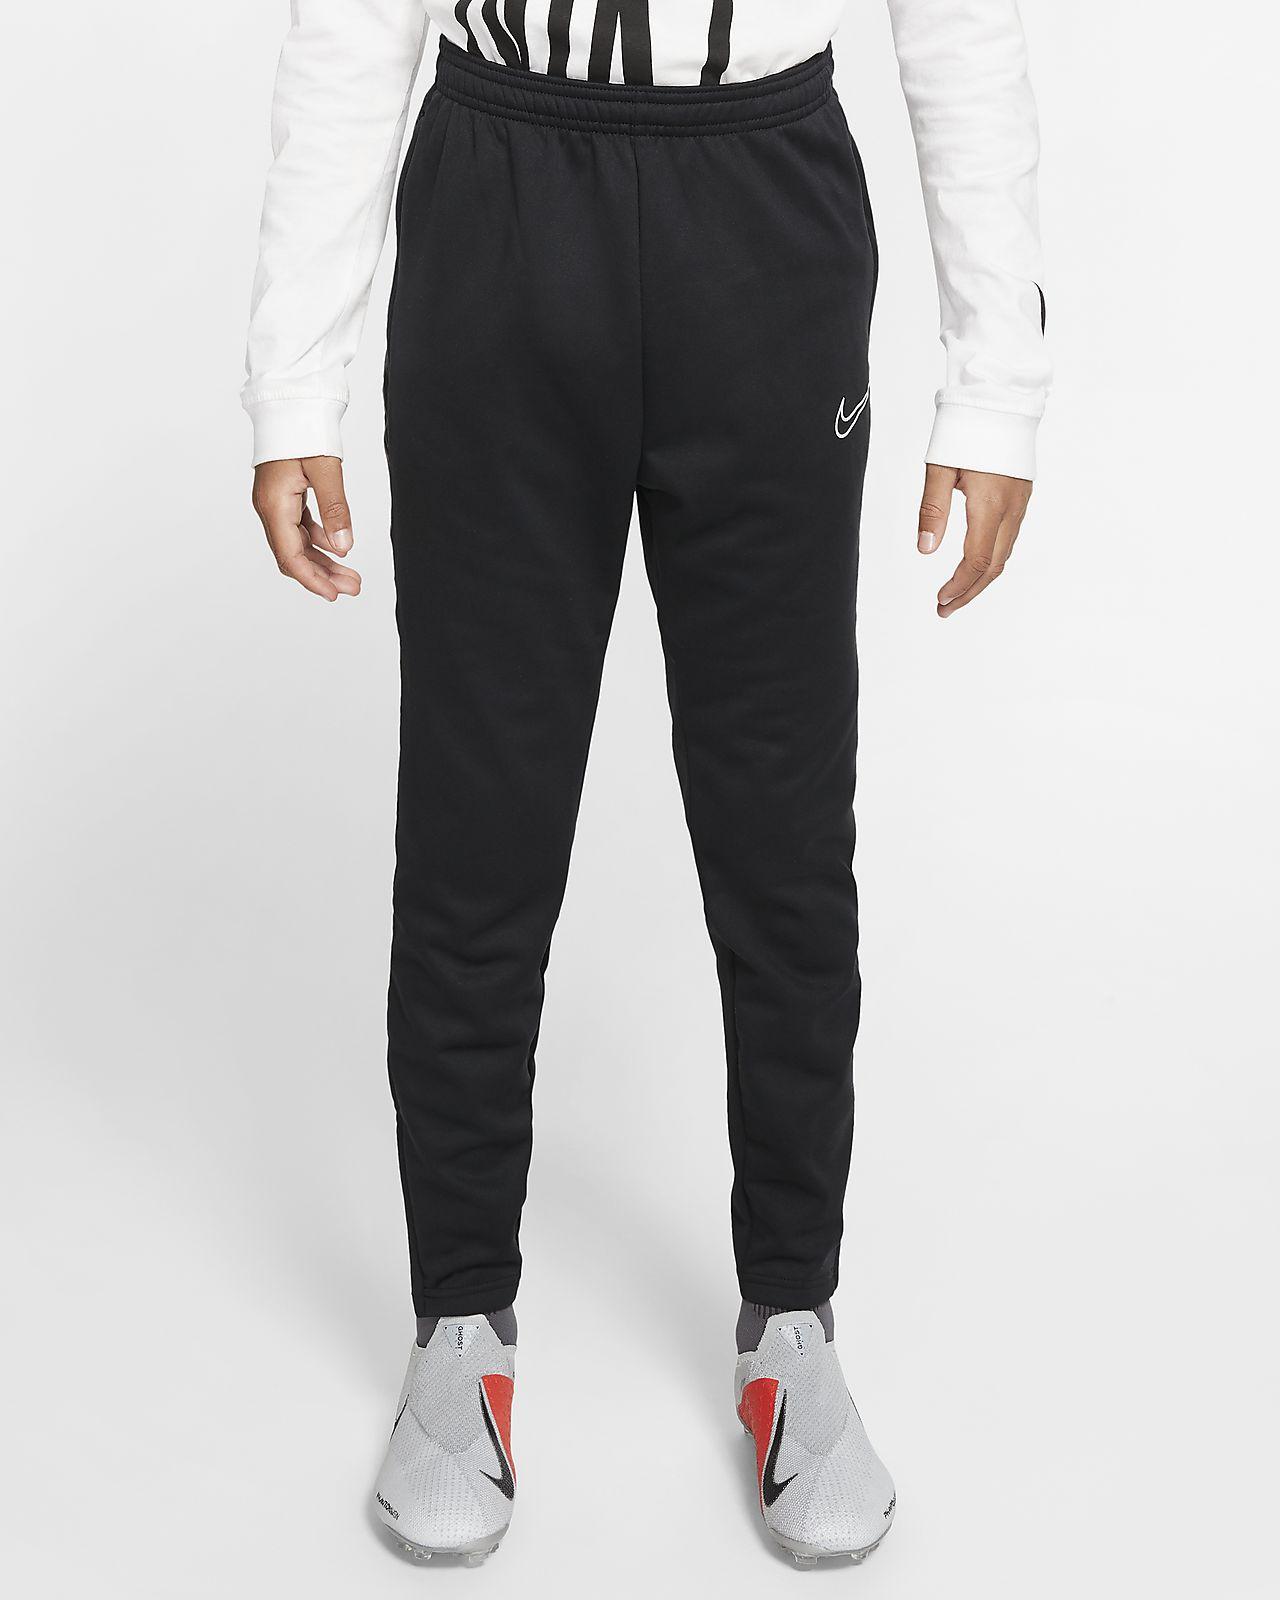 Spodnie piłkarskie dla dużych dzieci Nike Therma Academy